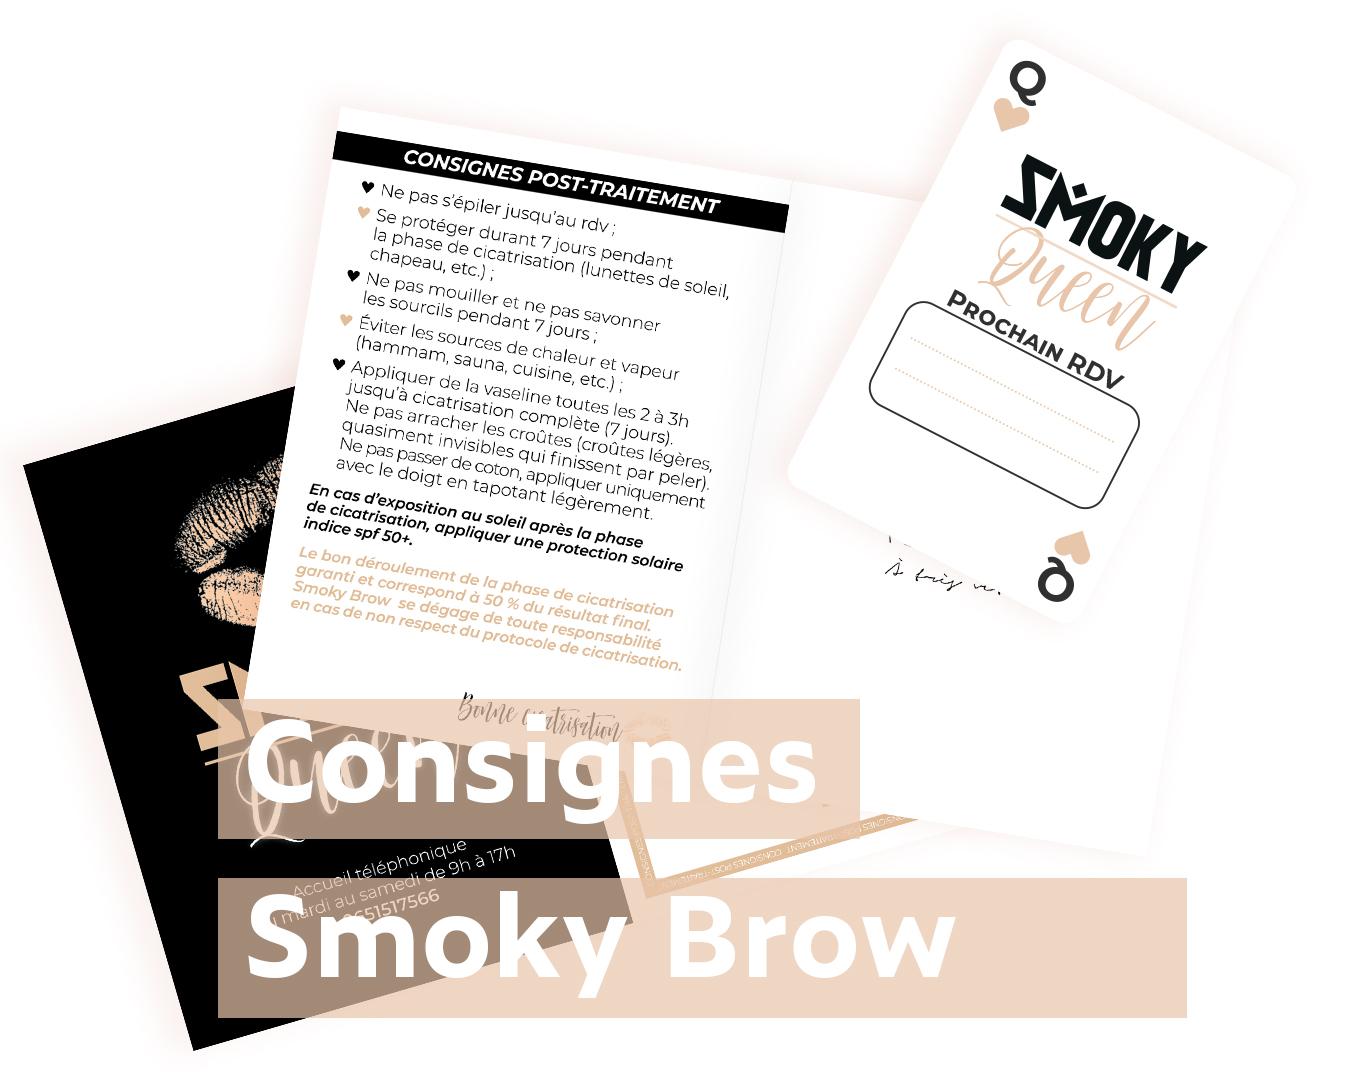 Consignes-Smoky-Brow